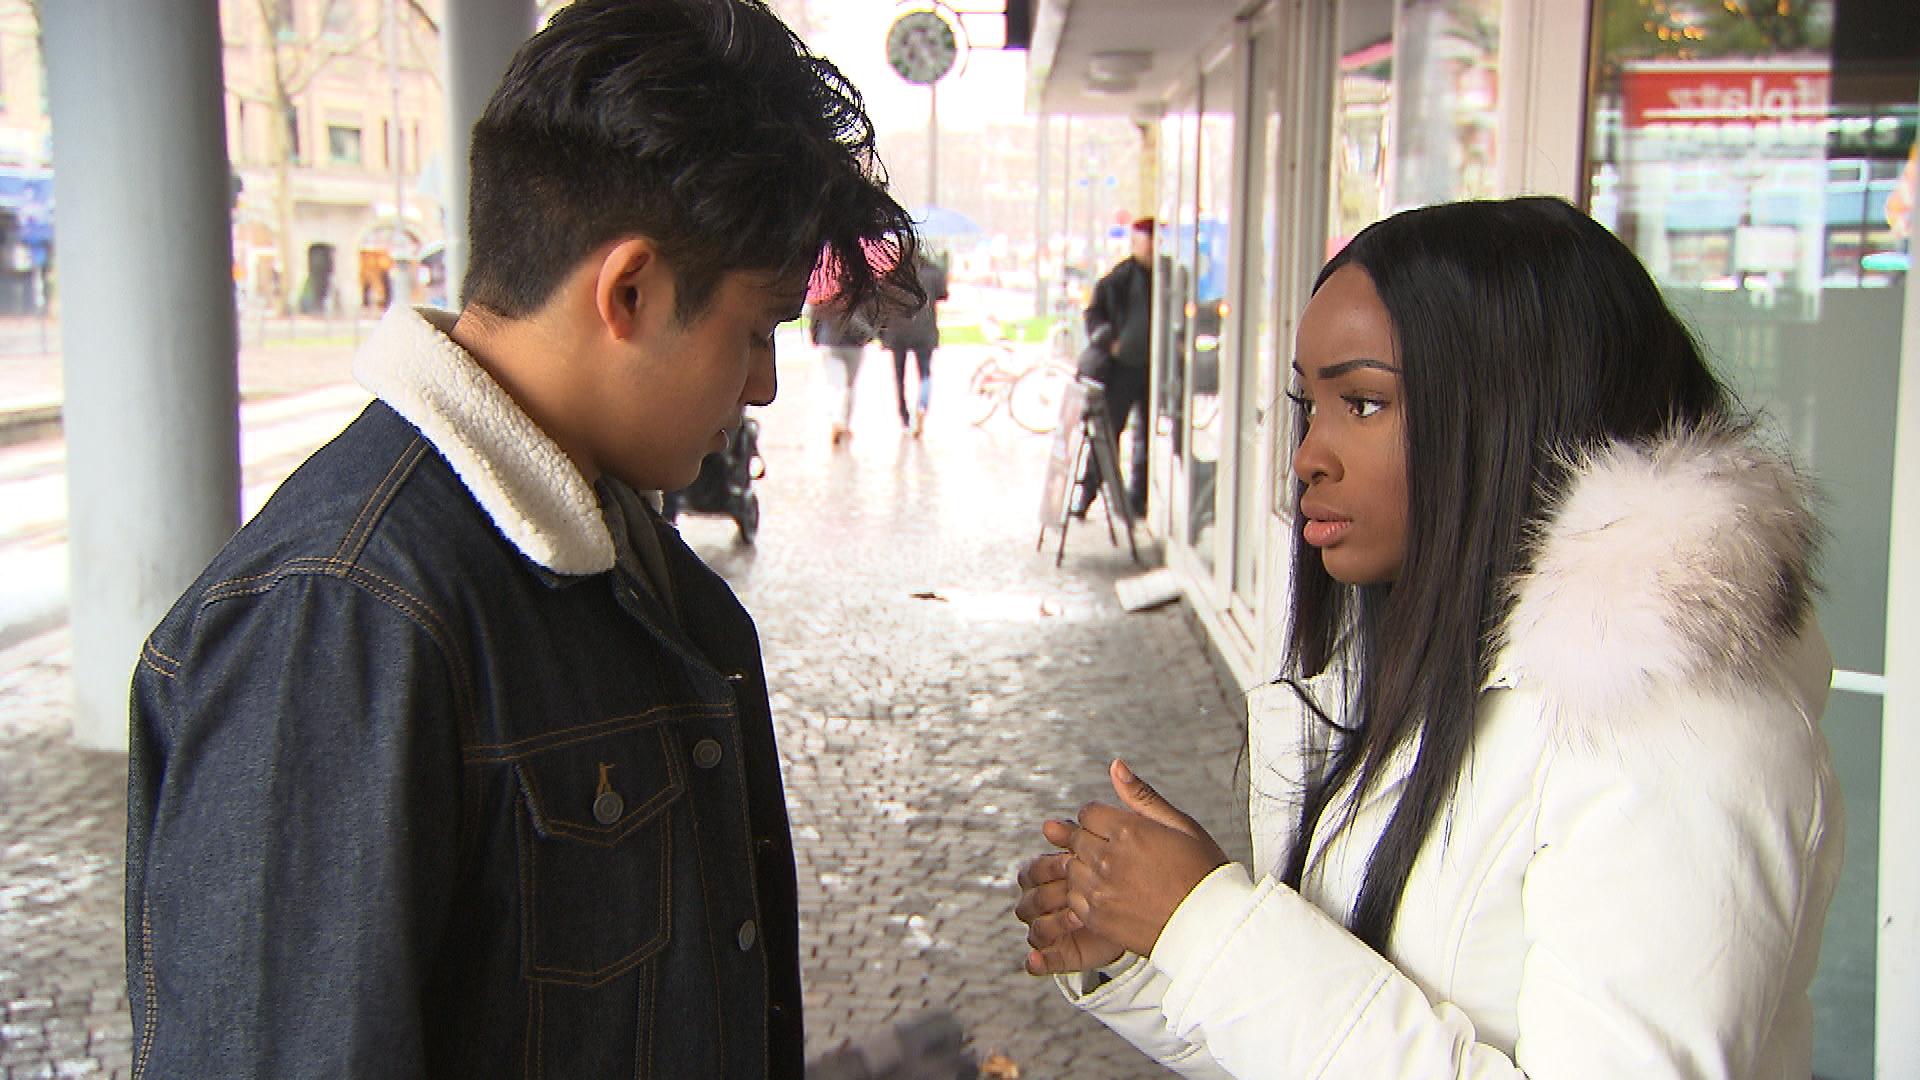 Als Yanick mit dem Gerücht konfrontiert wird, dass er etwas mit Michelle hat, lässt er sich verleiten zu prahlen. Da sich ein scheinbares Date mit Michelle jedoch nur als Arbeitsauftrag entpuppt, wollen ihm Paul und Rafa mit Tipps helfen, doch noch bei ihr zu landen. (Quelle: RTL 2)